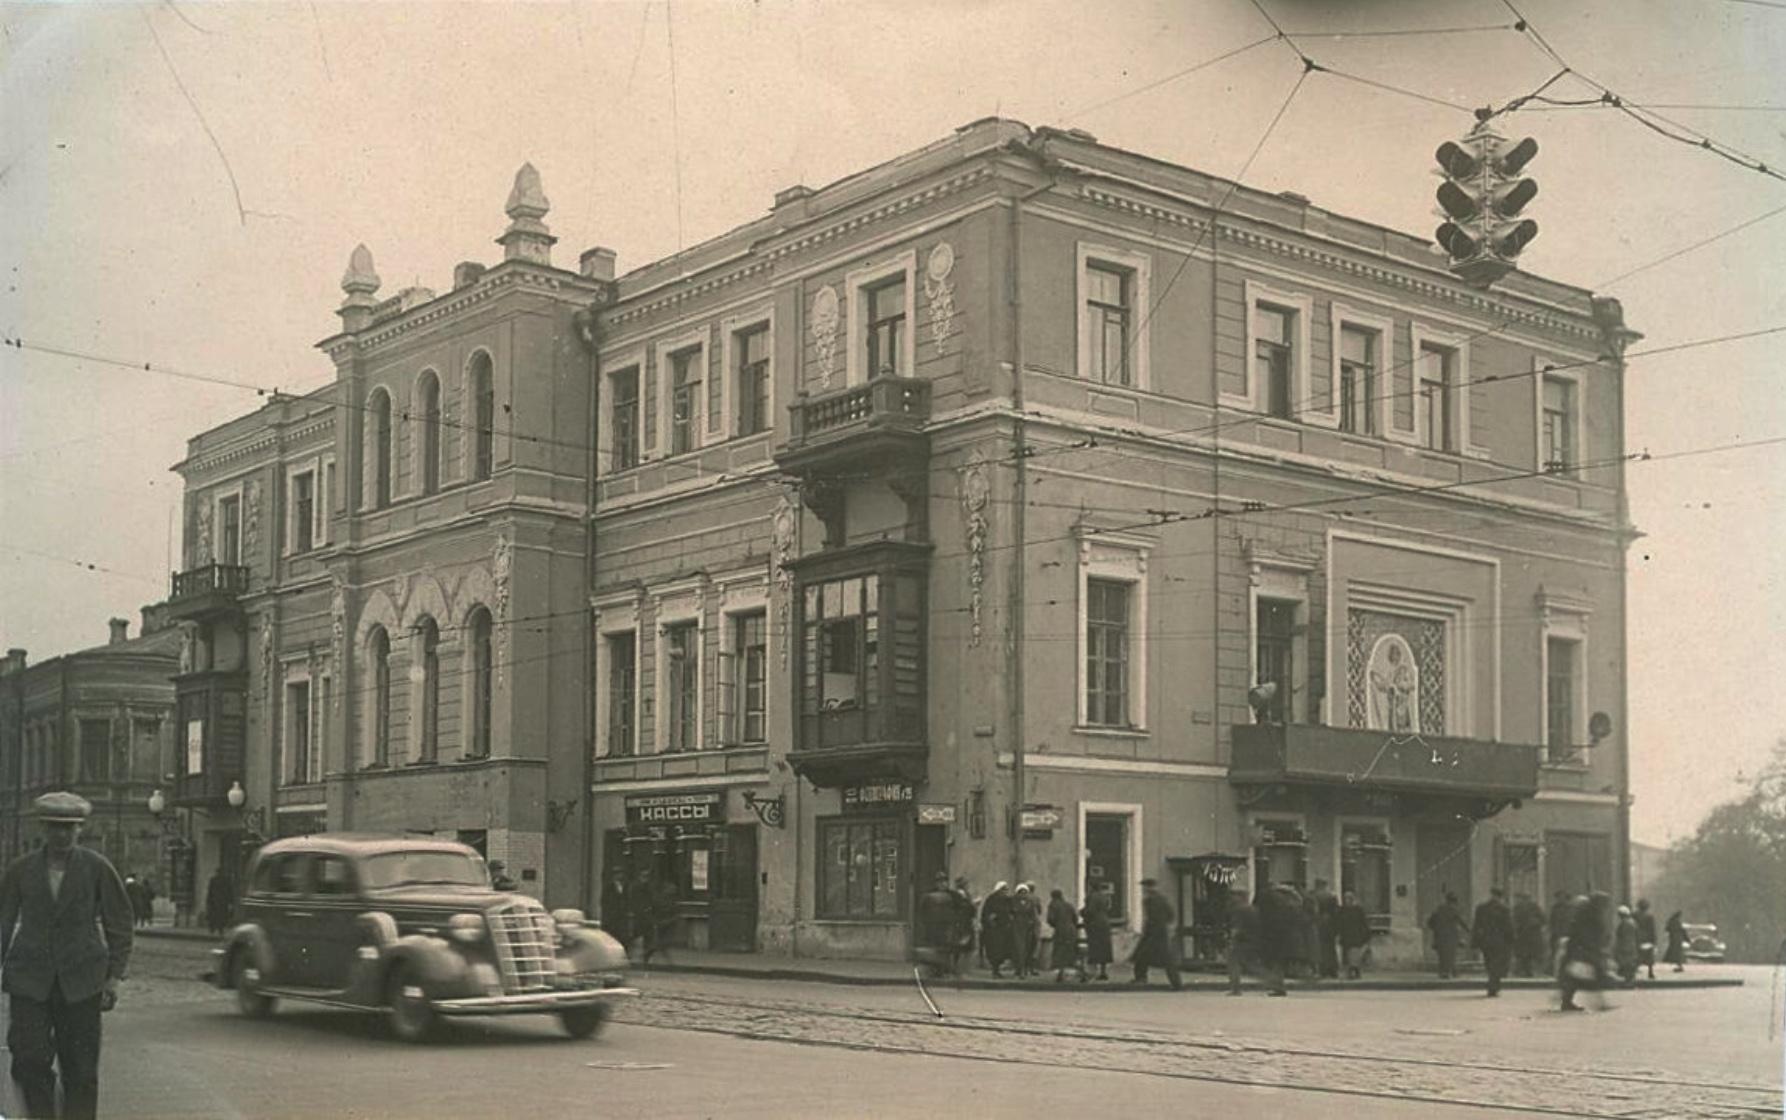 Фотография. г. Москва, ул. Б. Никитская, д.23: клуб Красной Армии (к/т Повторного фильма), где в 1918г. выступал В.И. Ленин.